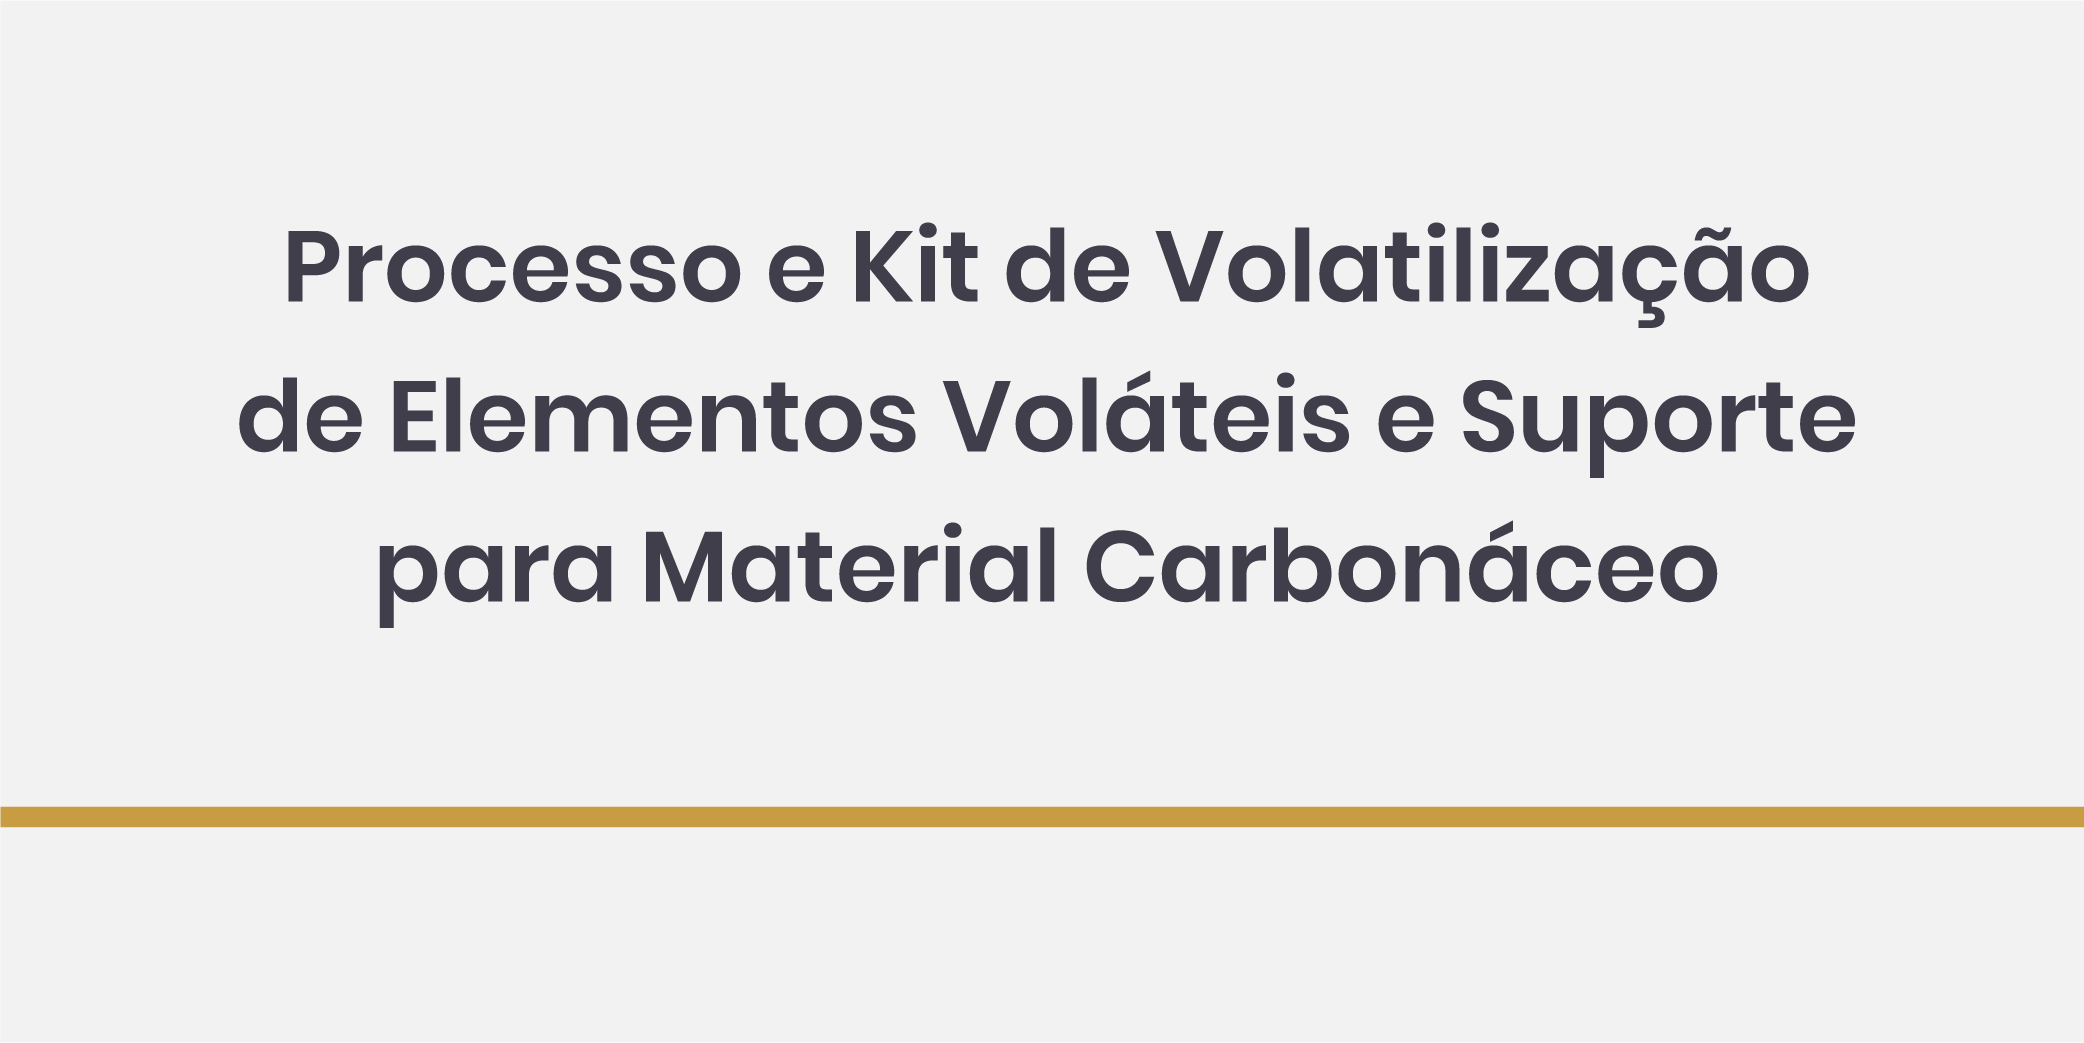 Processo e Kit de Volatilização de Elementos Voláteis e Suporte para Material Carbonáceo